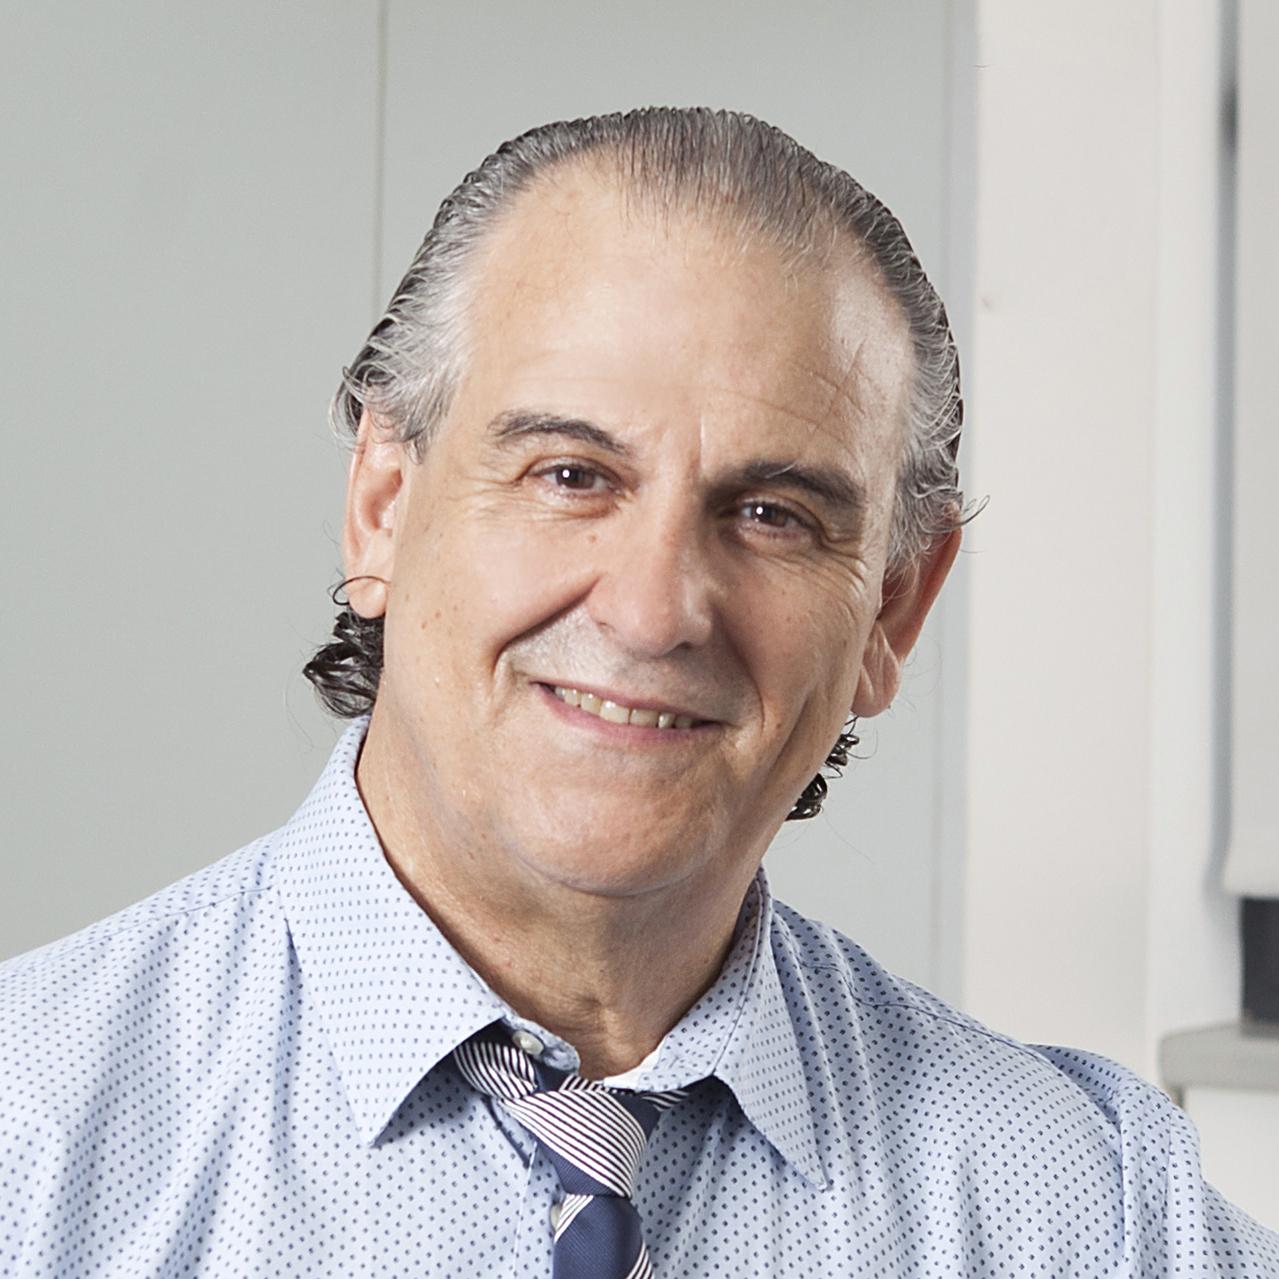 JoaquinLopez